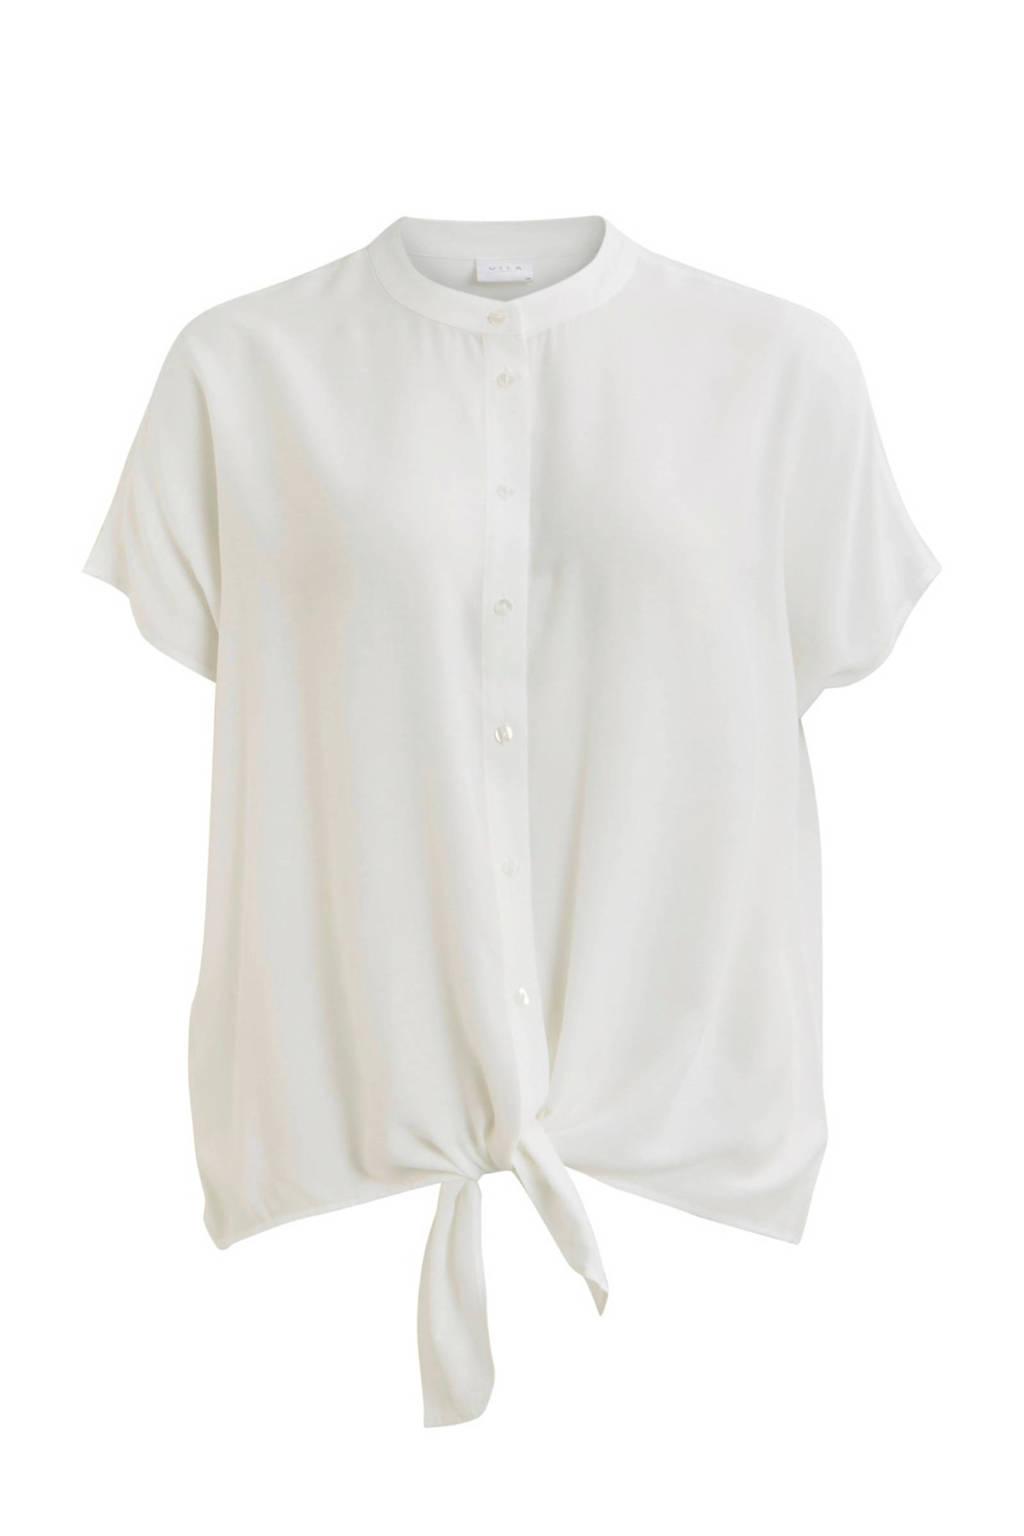 VILA blouse wit, Wit